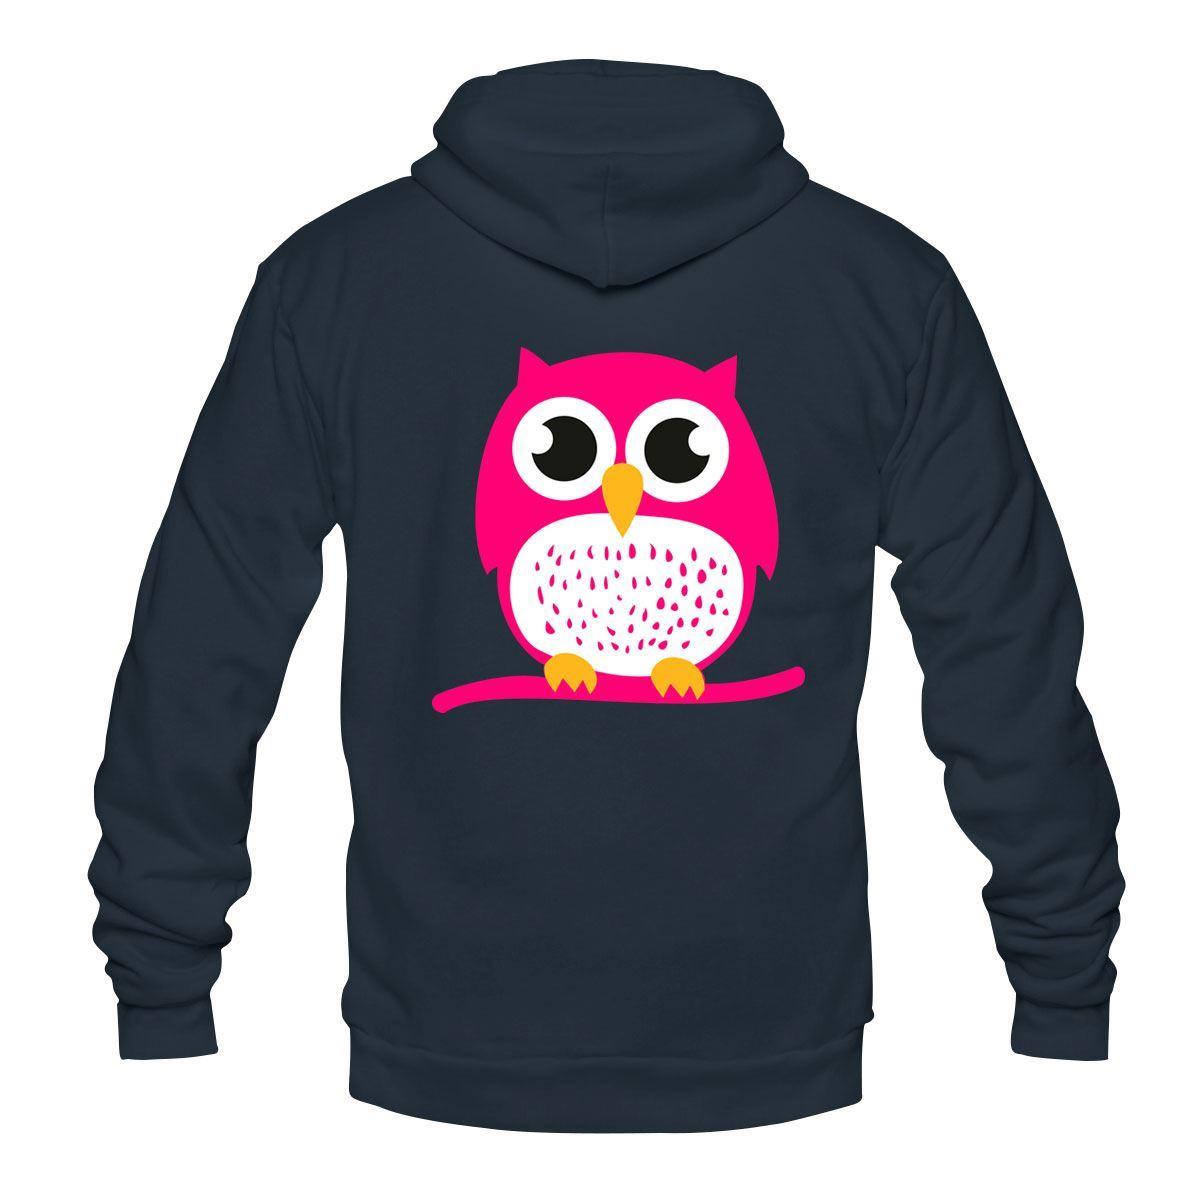 Cute zip up hoodies